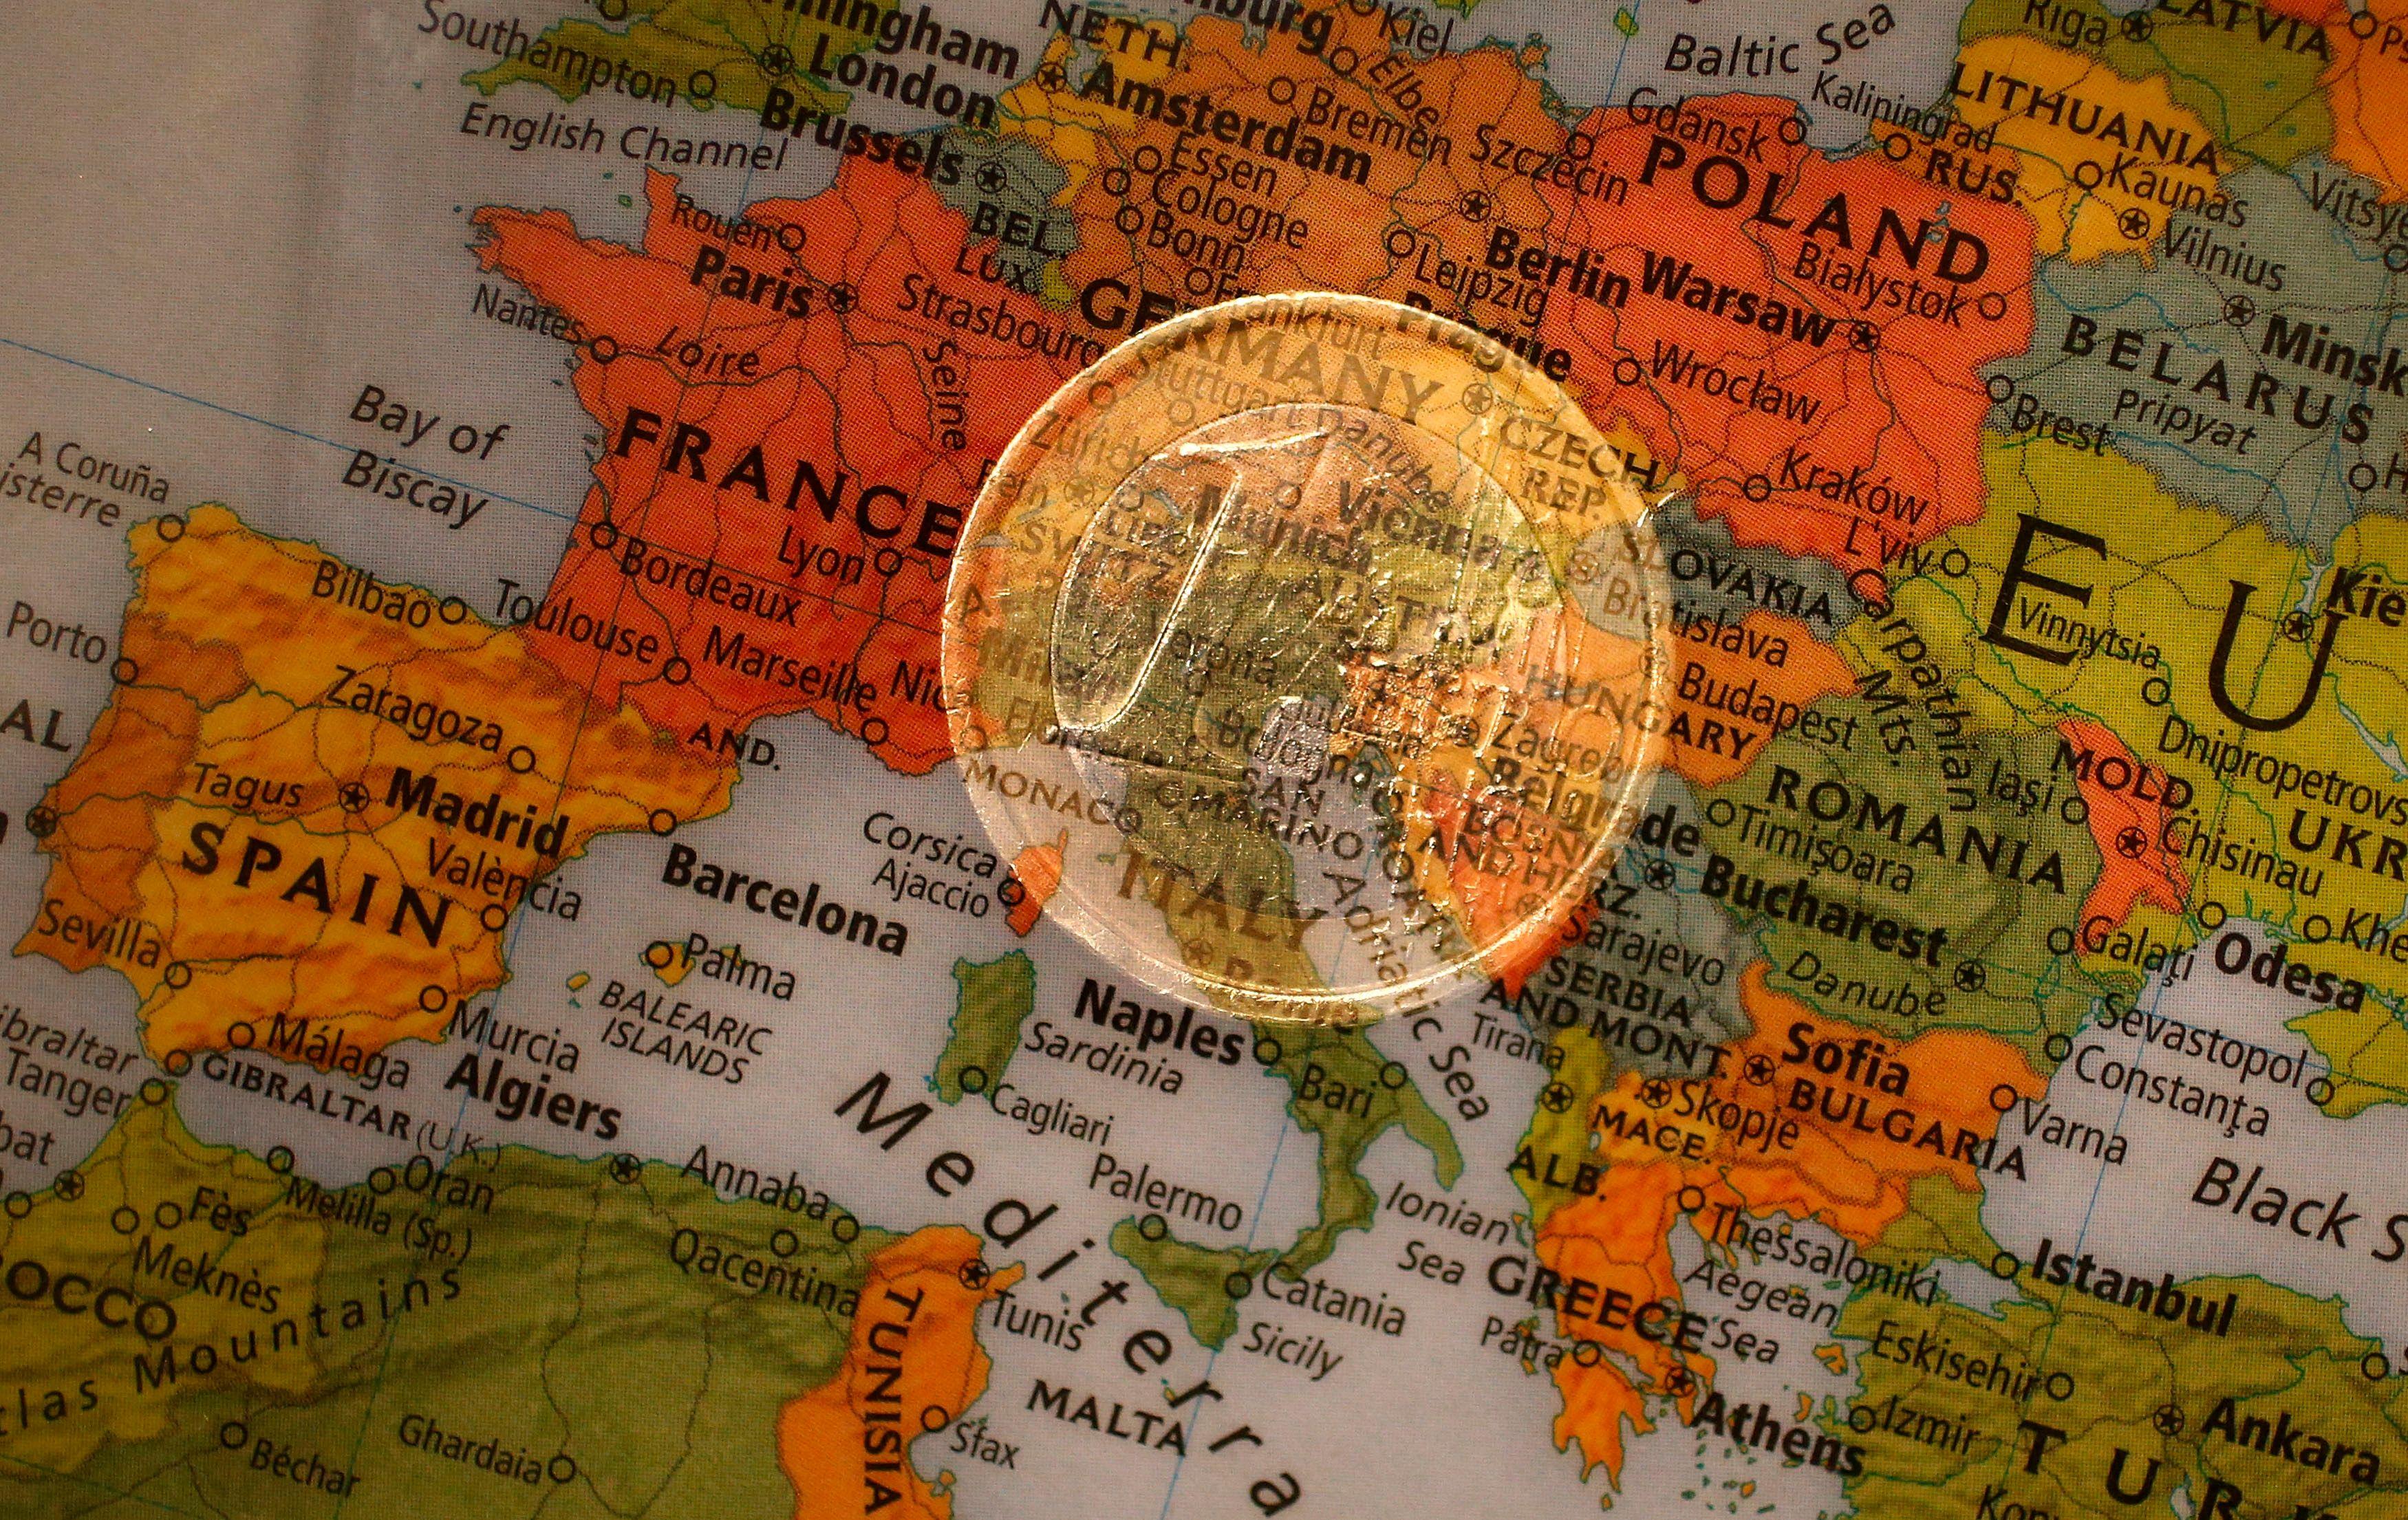 Le Prix Nobel contre l'Euro : pourquoi les réformes nécessaires à la sauvegarde de l'euro sont-elles si difficiles à réaliser sur le plan politique ?